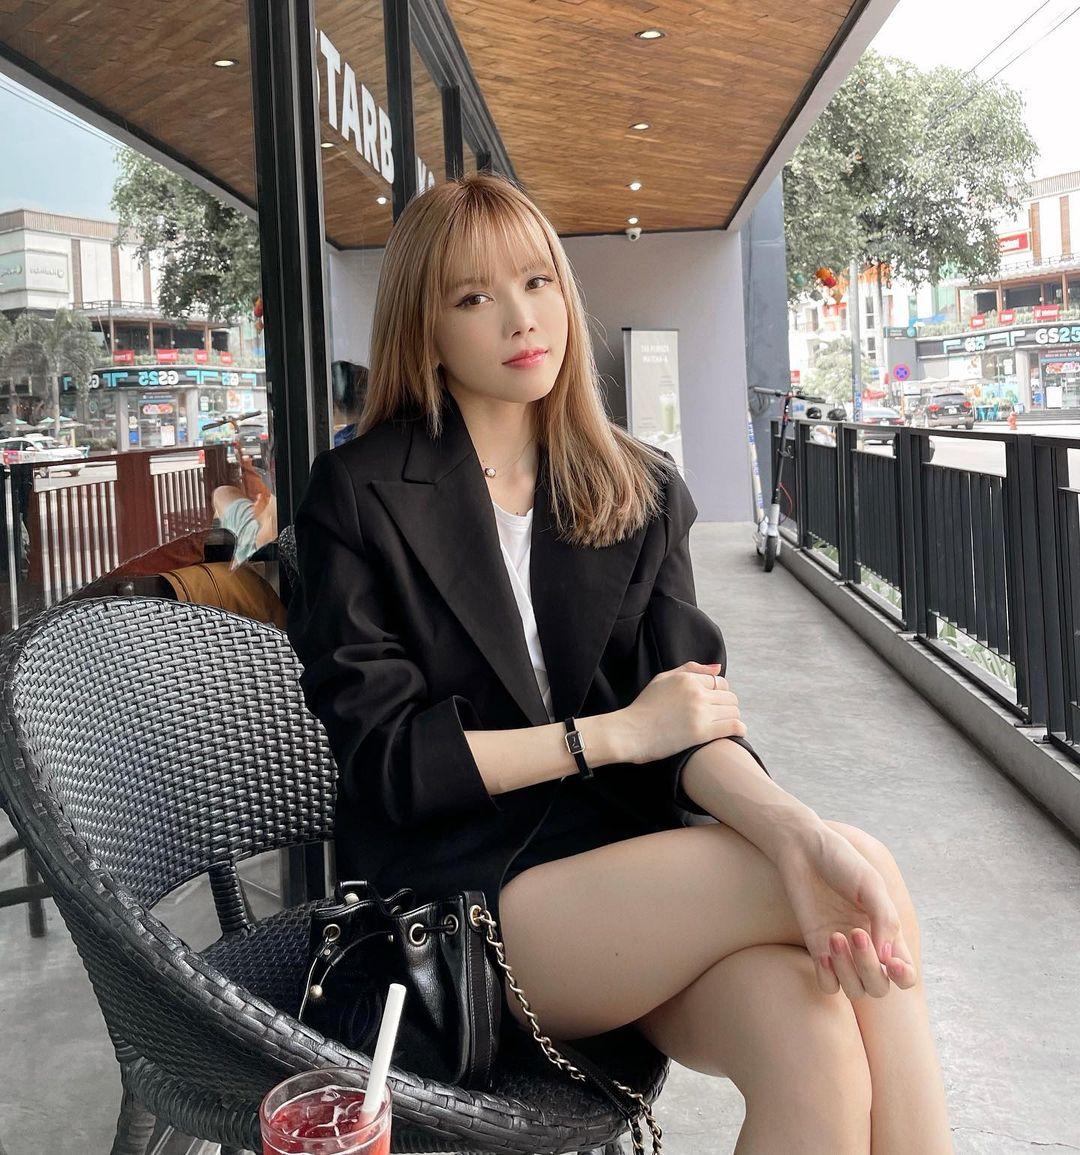 Instagram look sao Việt: Minh Hằng xinh ngút ngàn với váy local brand, Tóc Tiên lên đồ sành điệu - Ảnh 6.